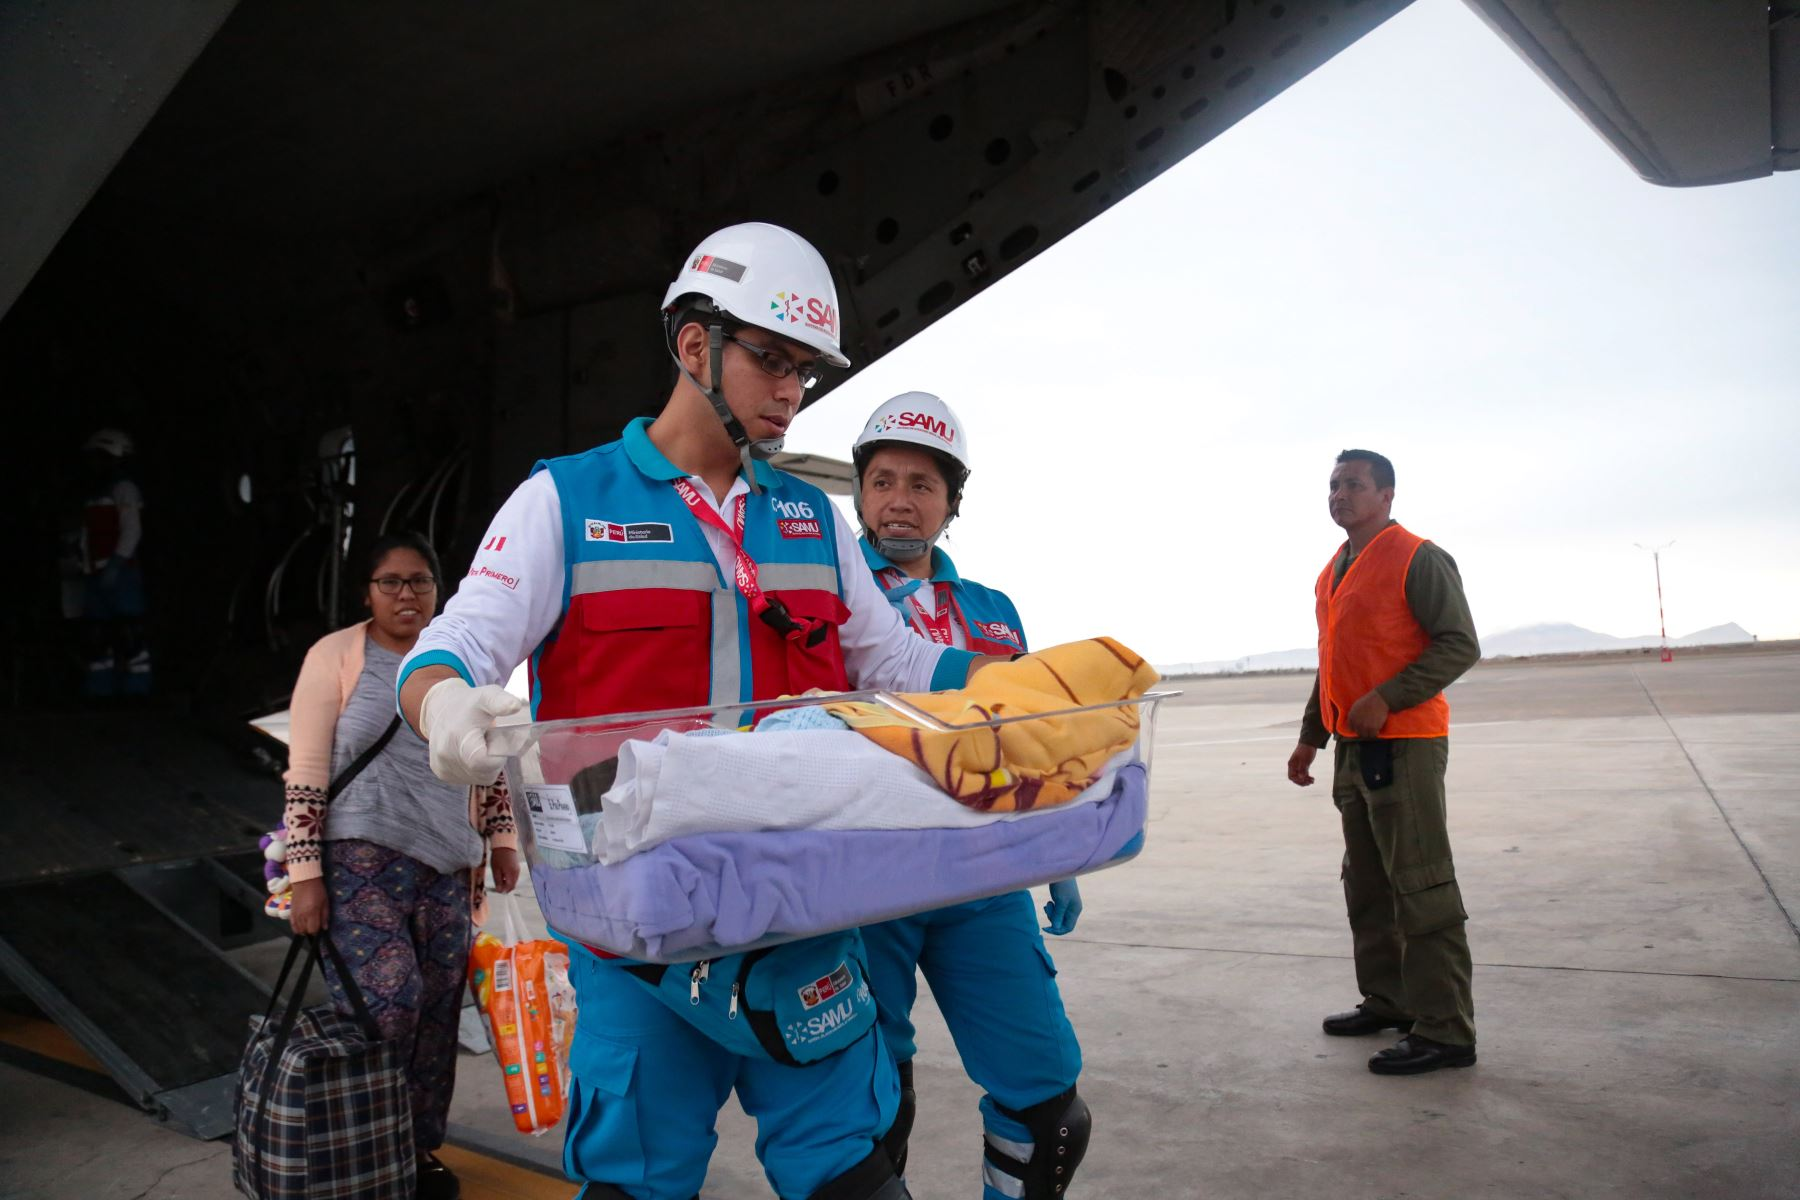 Los menores fueron trasladados de emergencia por personal médico del SAMU, quienes, durante el vuelo, monitorearon el estado de los pacientes garantizando en todo momento su integridad. Foto: ANDINA/Difusión